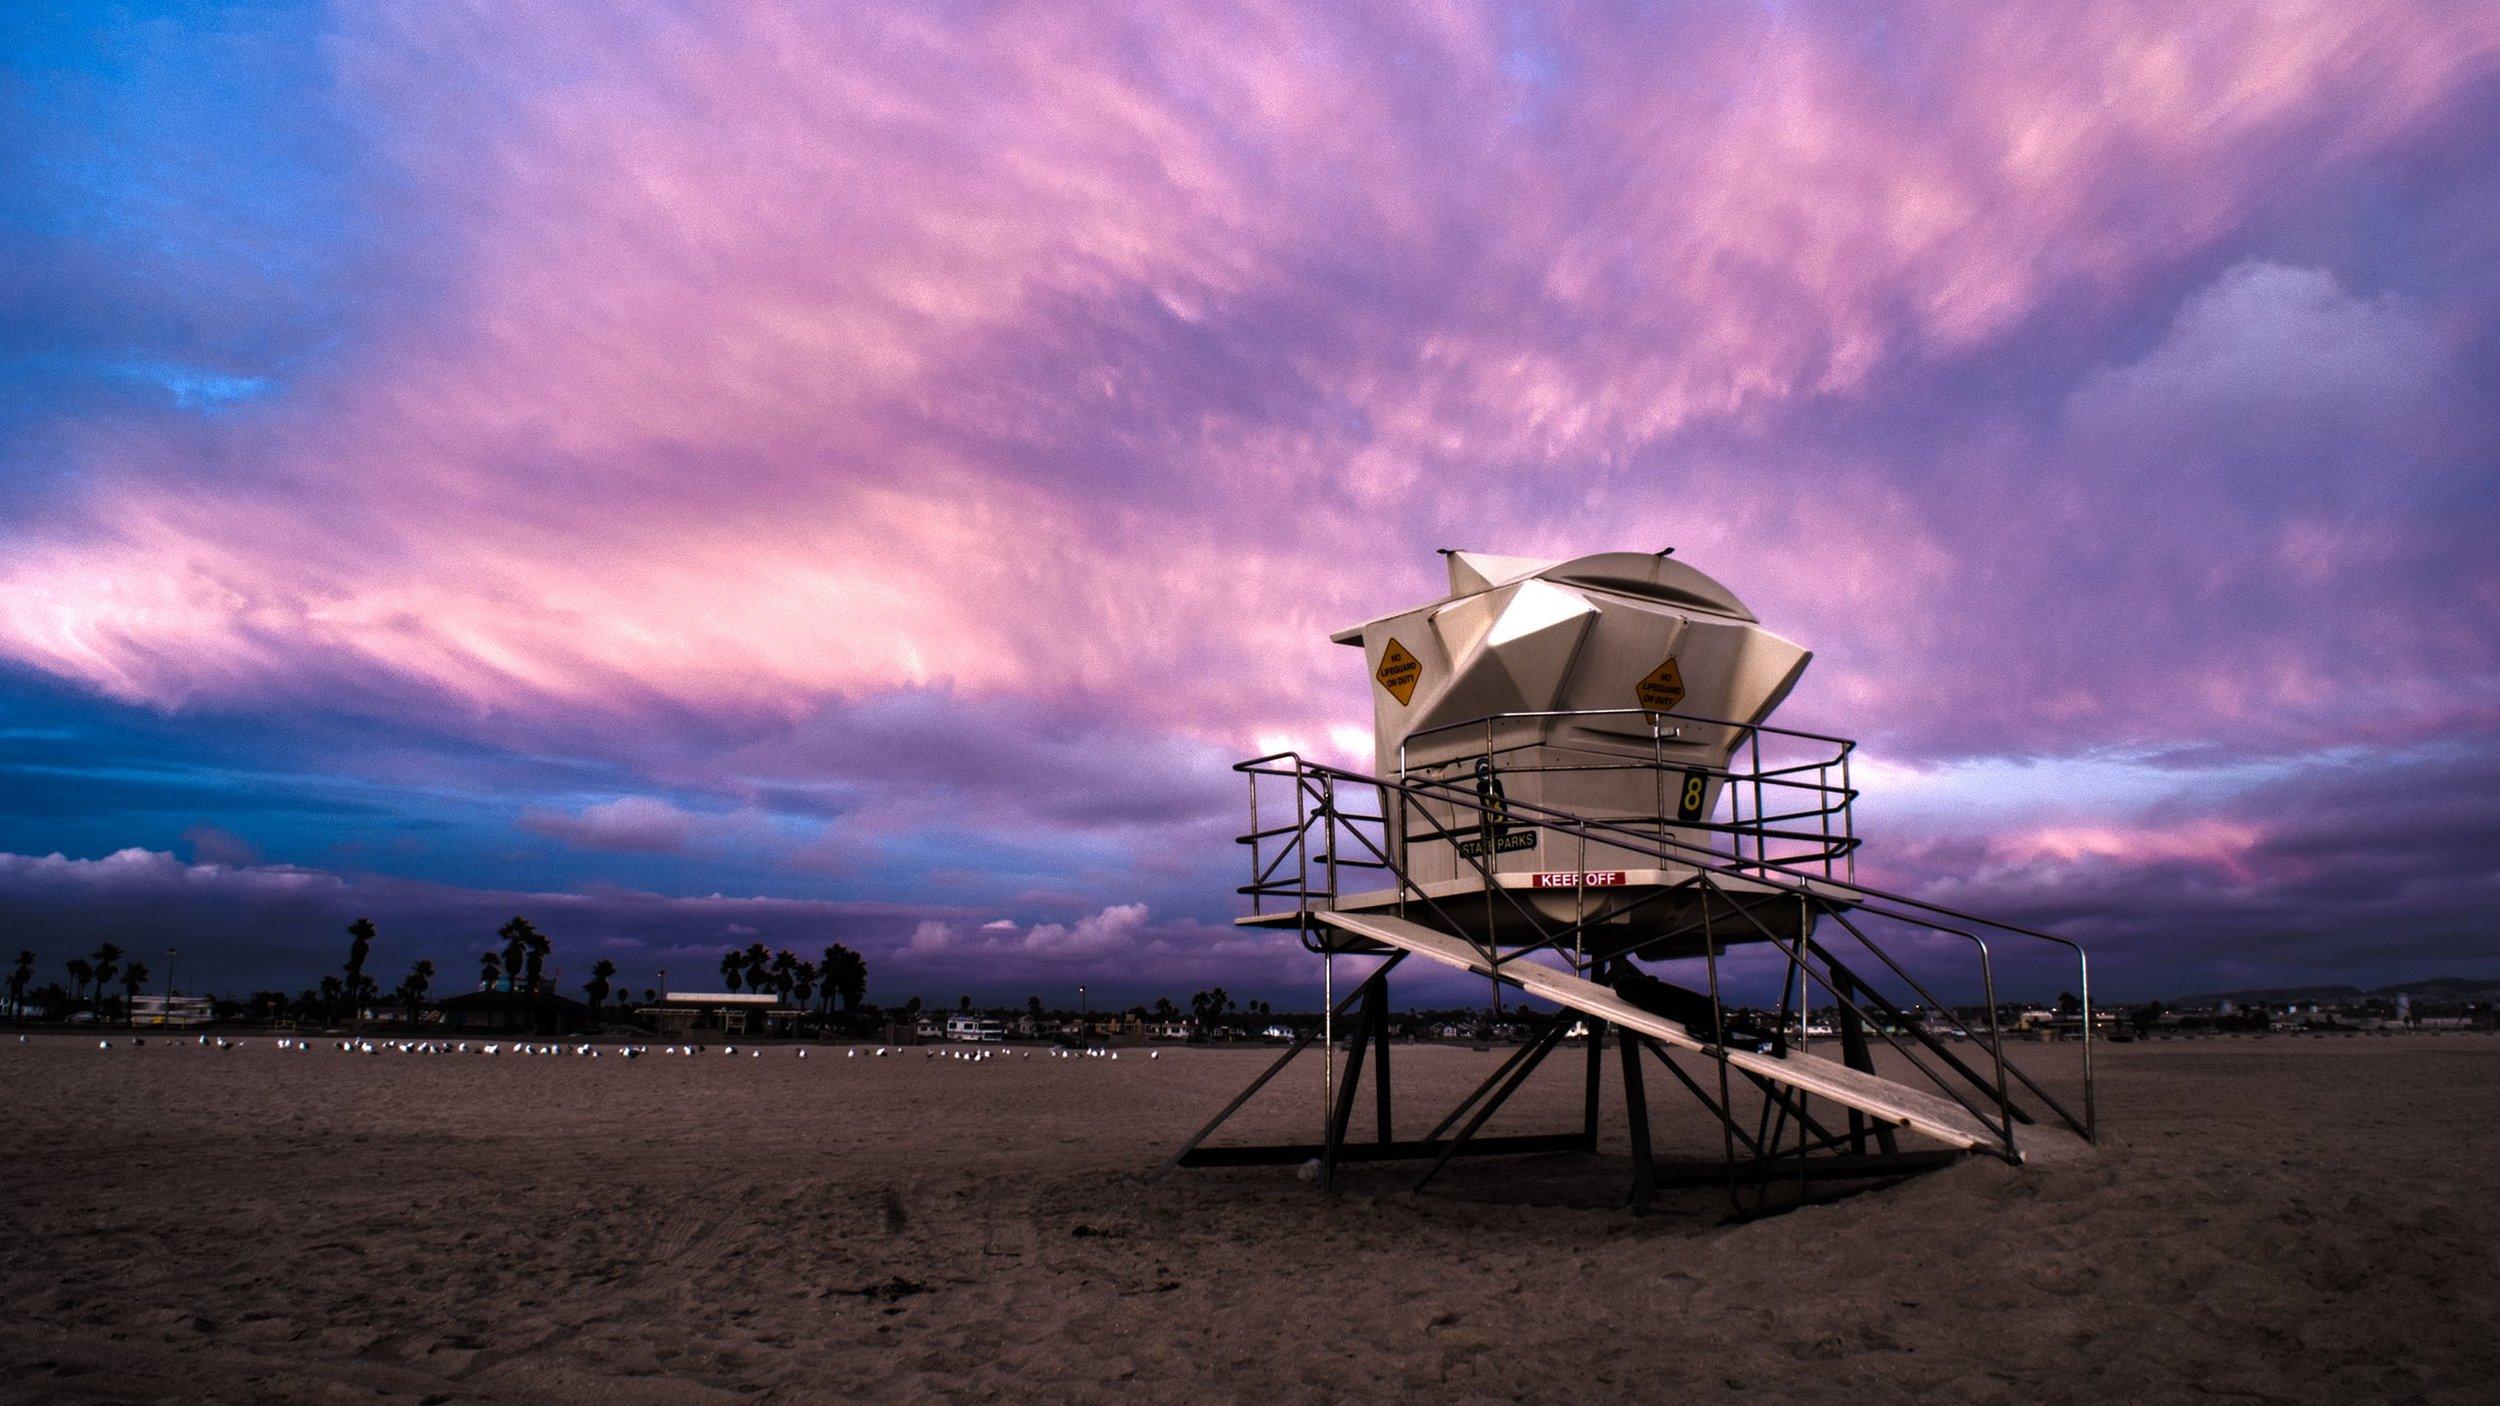 beach_storm_2560x1440.jpg